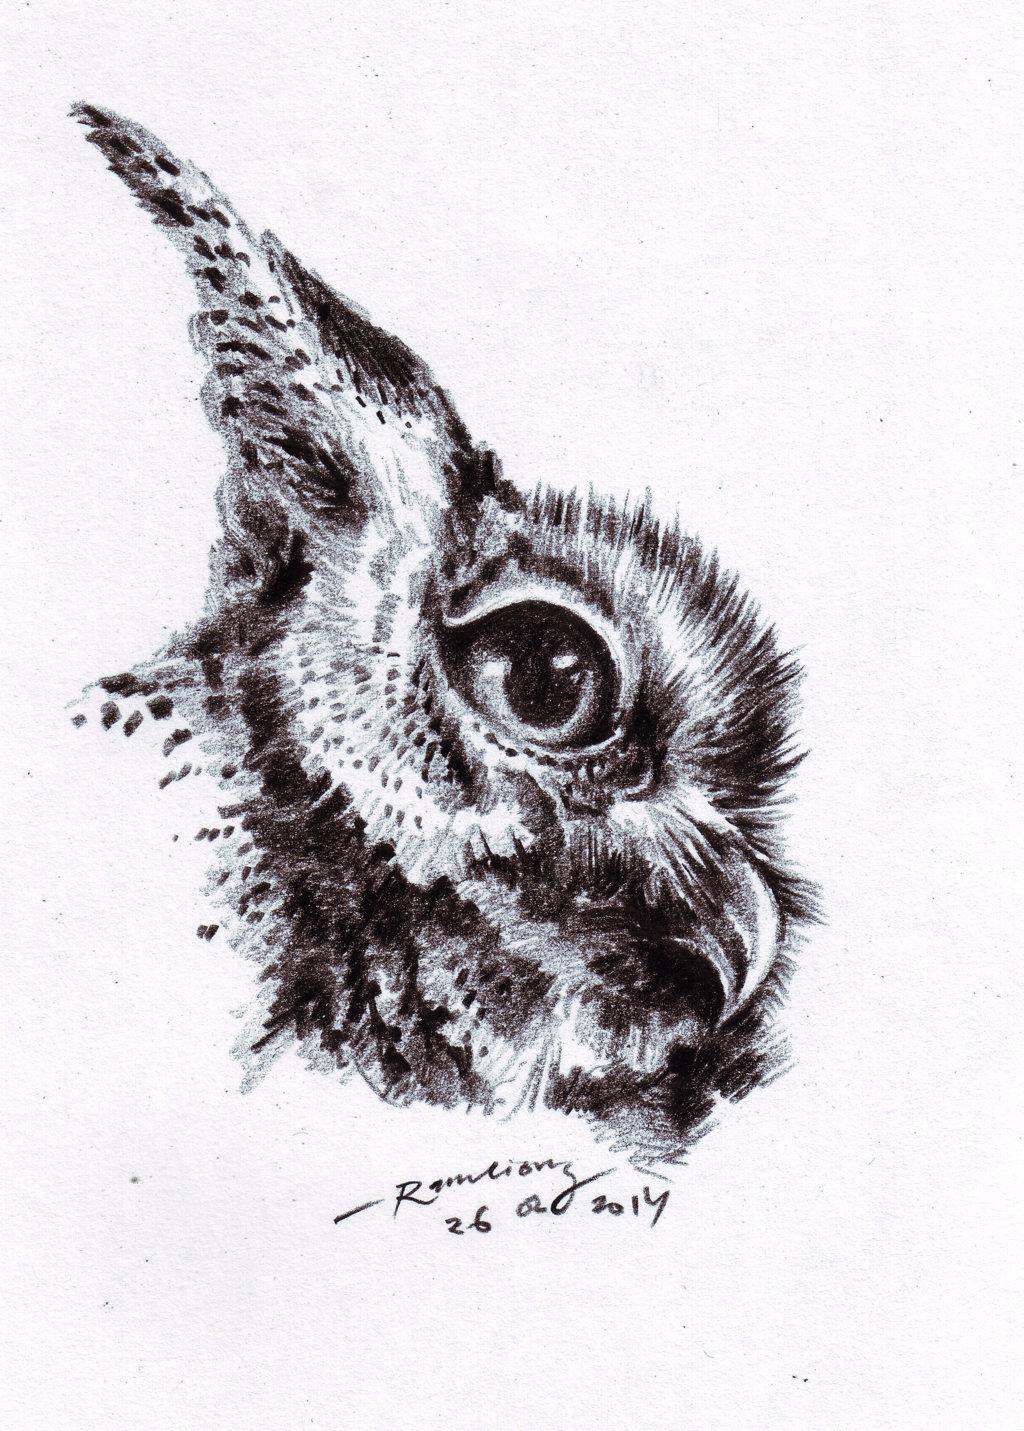 Burung Hantu Owl Dalam Drawing Gambar Www Senibenni Com